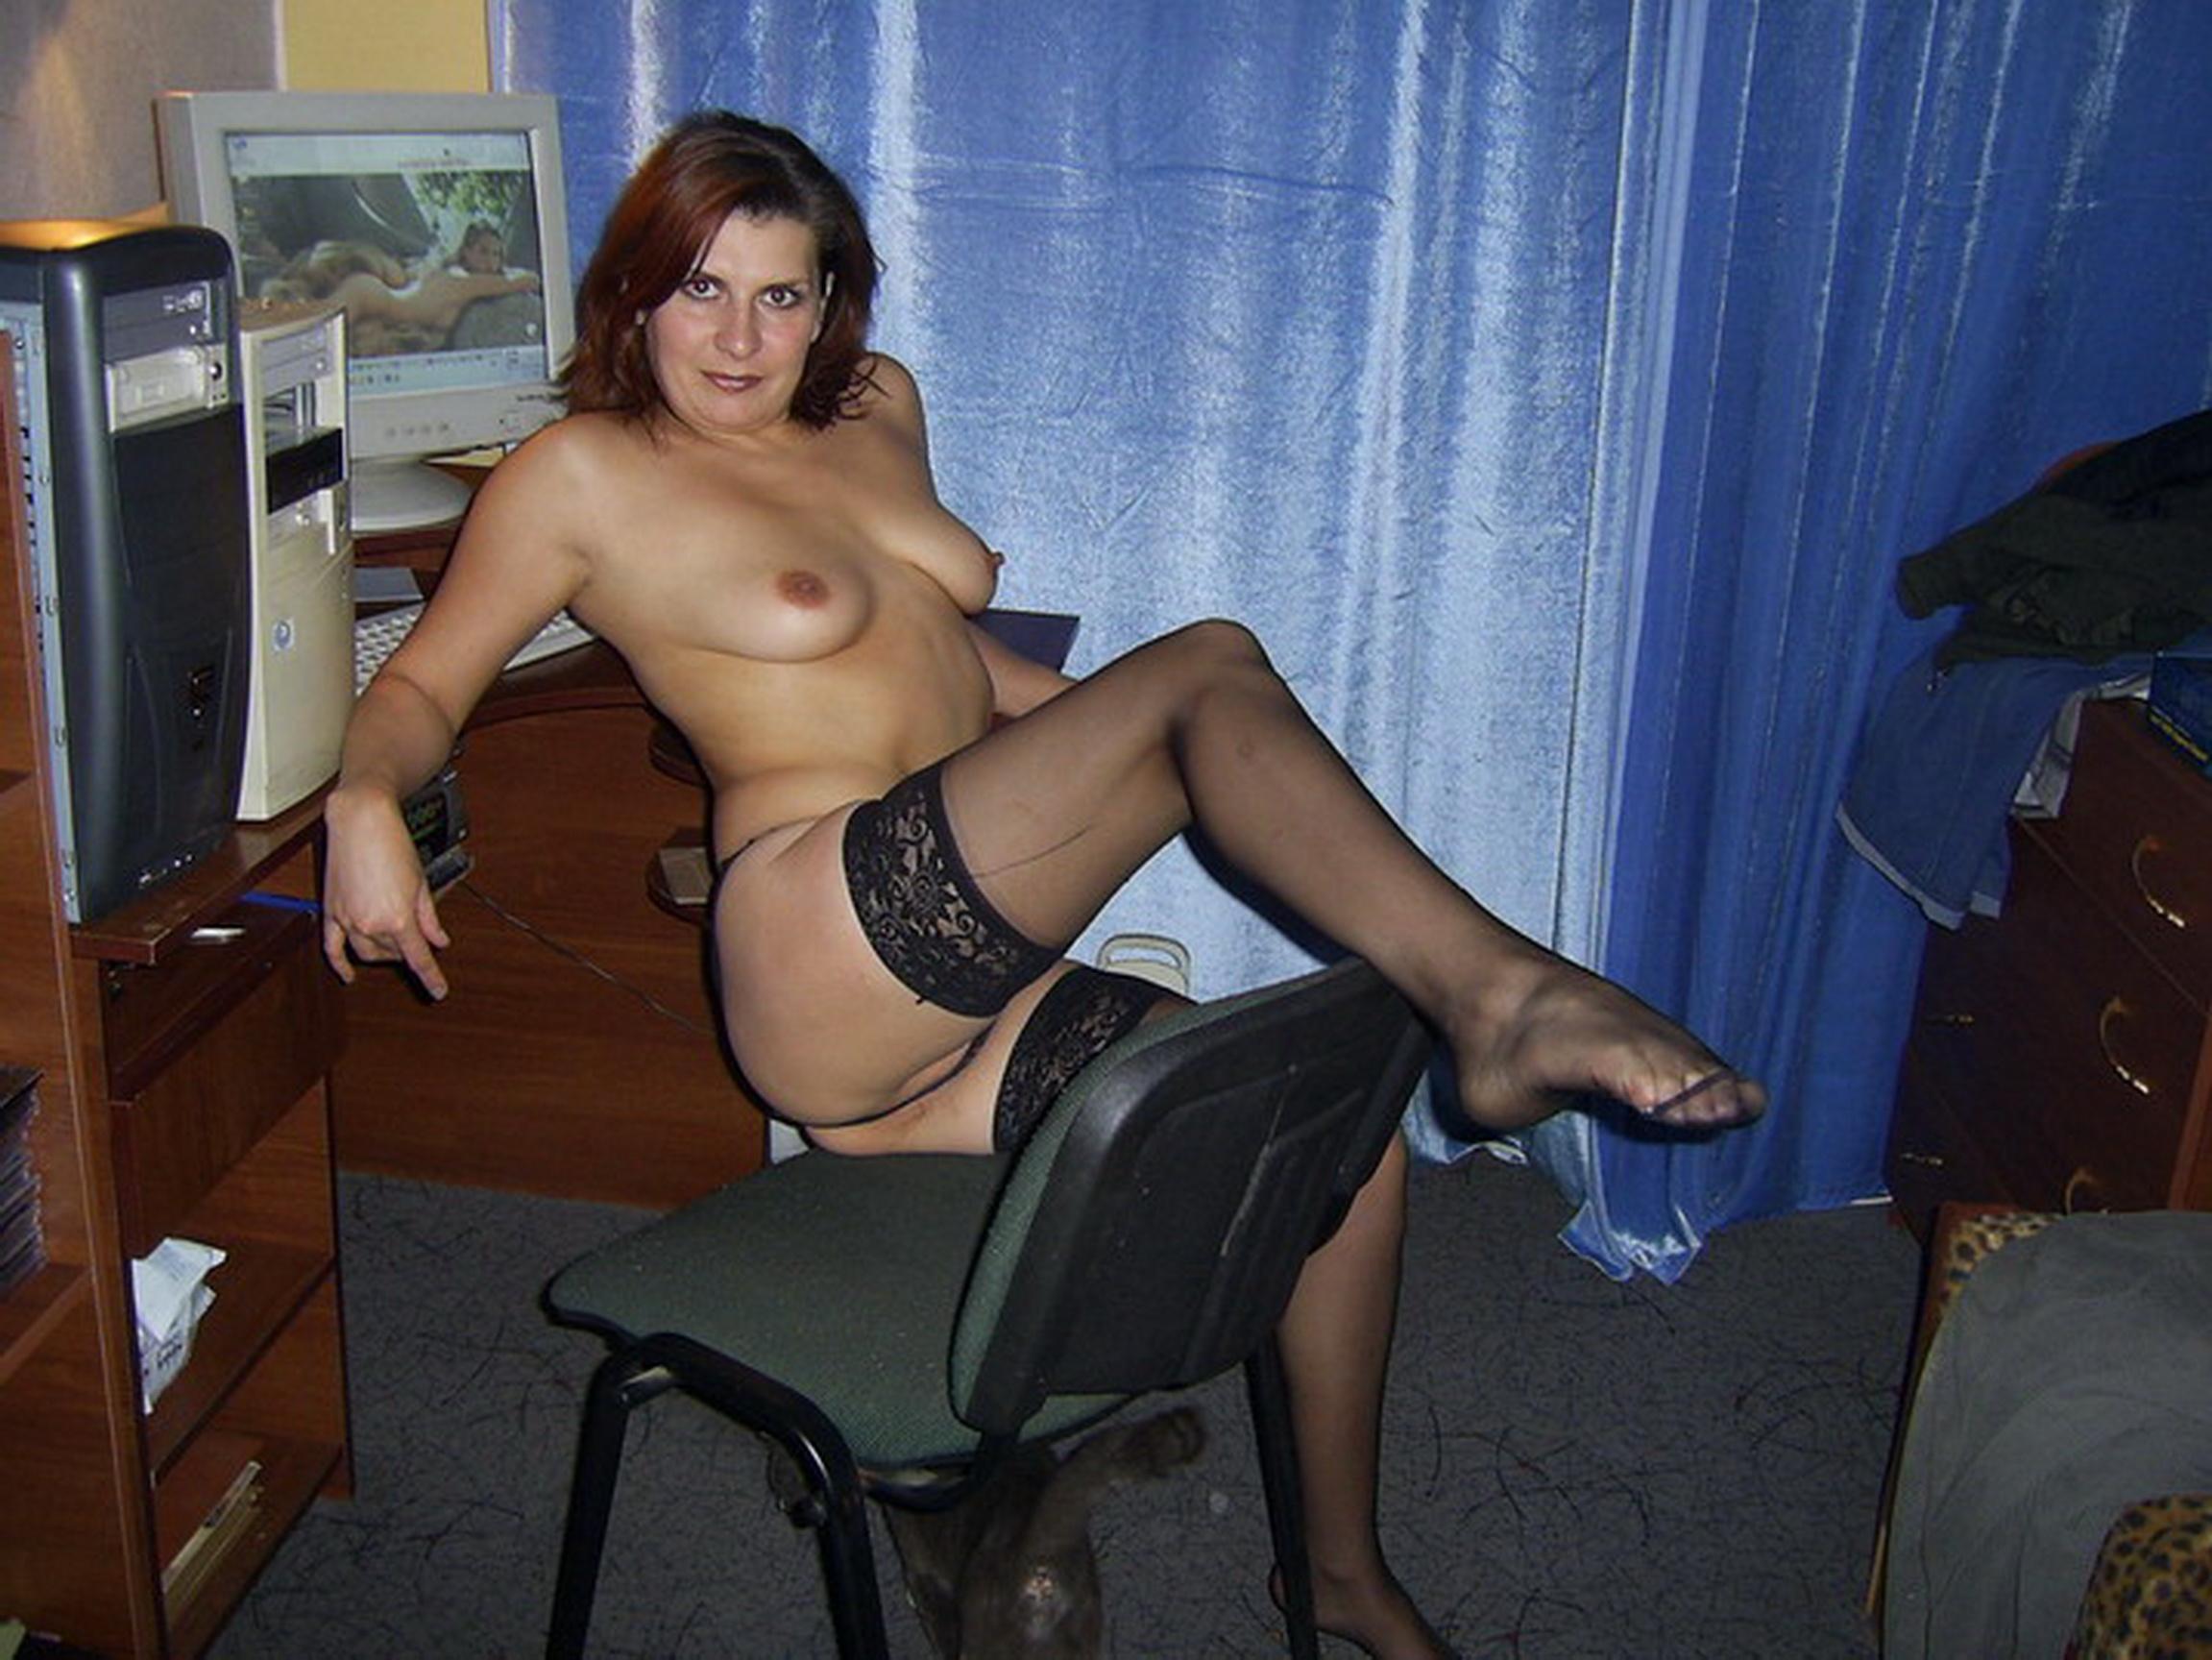 Тетя с натур огромной титей и юнец без смс и регистрации 3 фотография